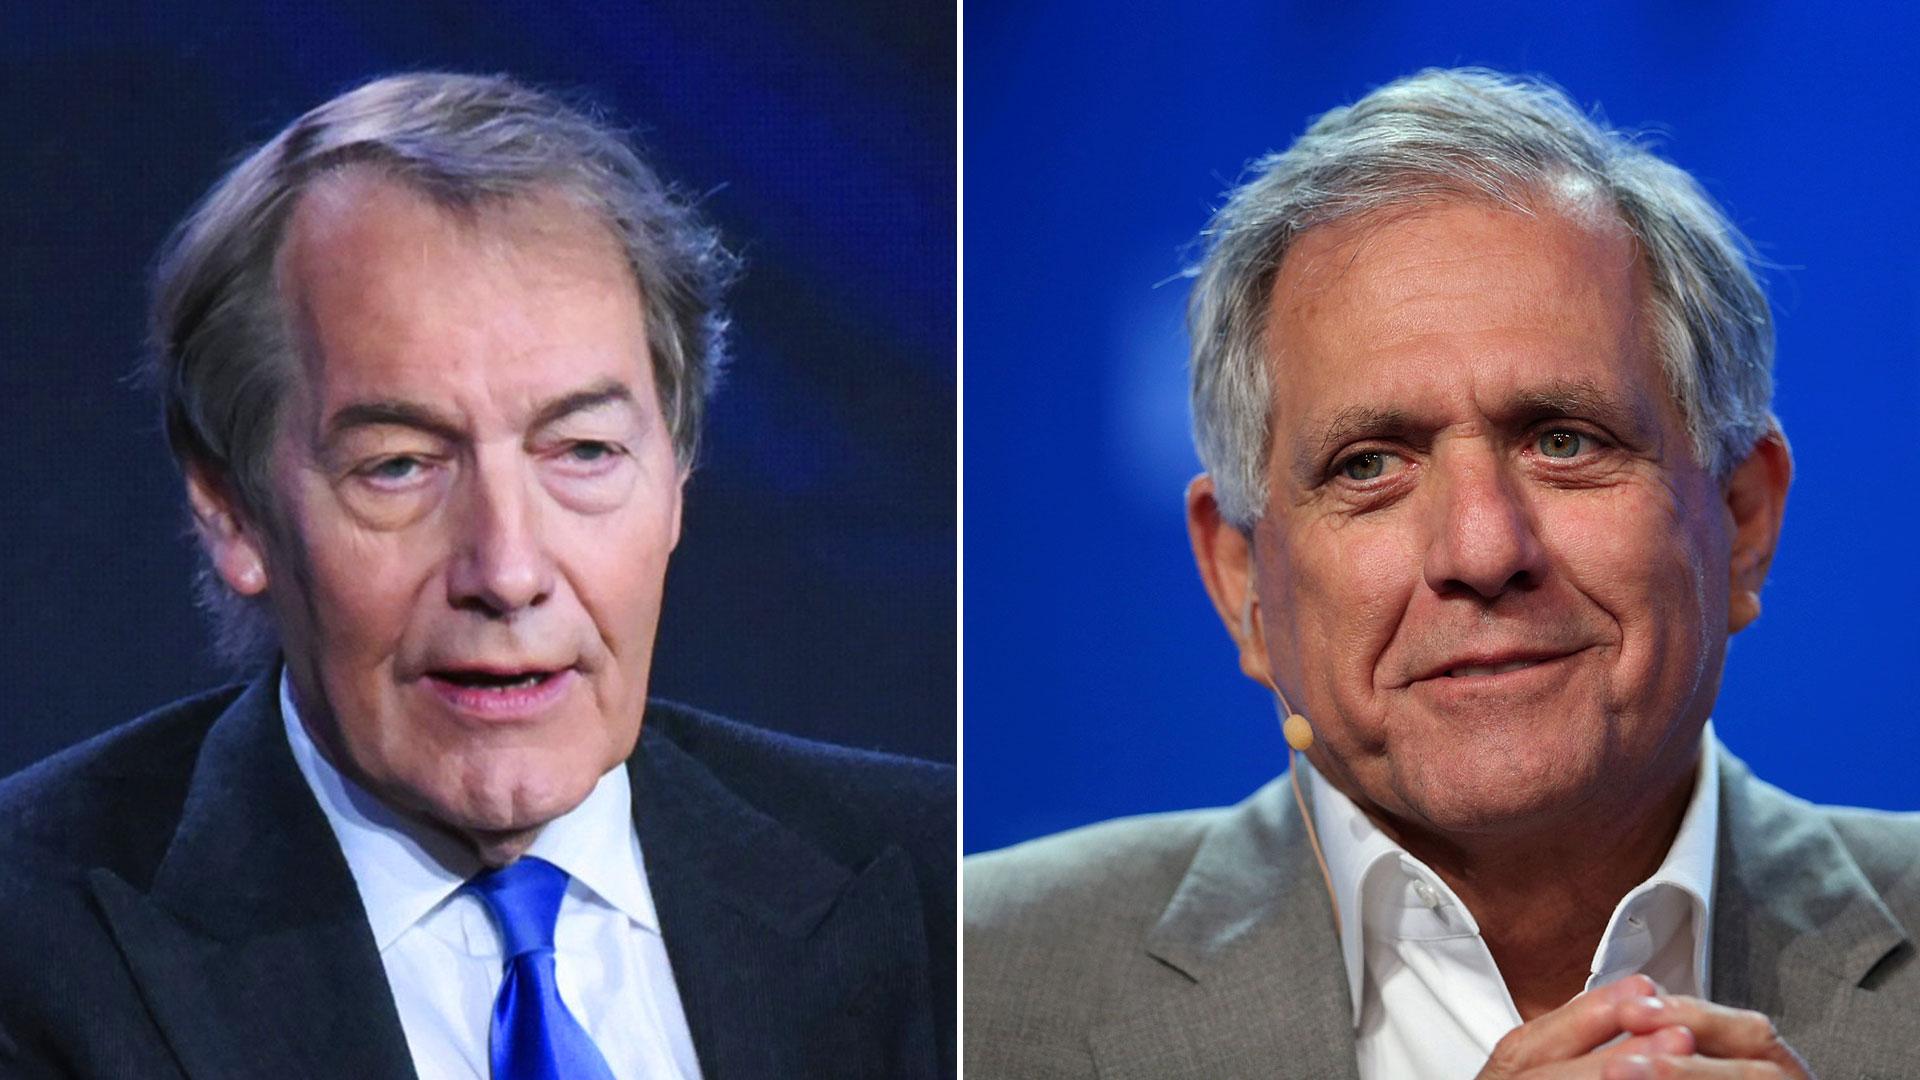 Charlie Rose y el presidente del grupo CBS, Leslie Moonves, fueron echados por acusaciones por acoso sexual